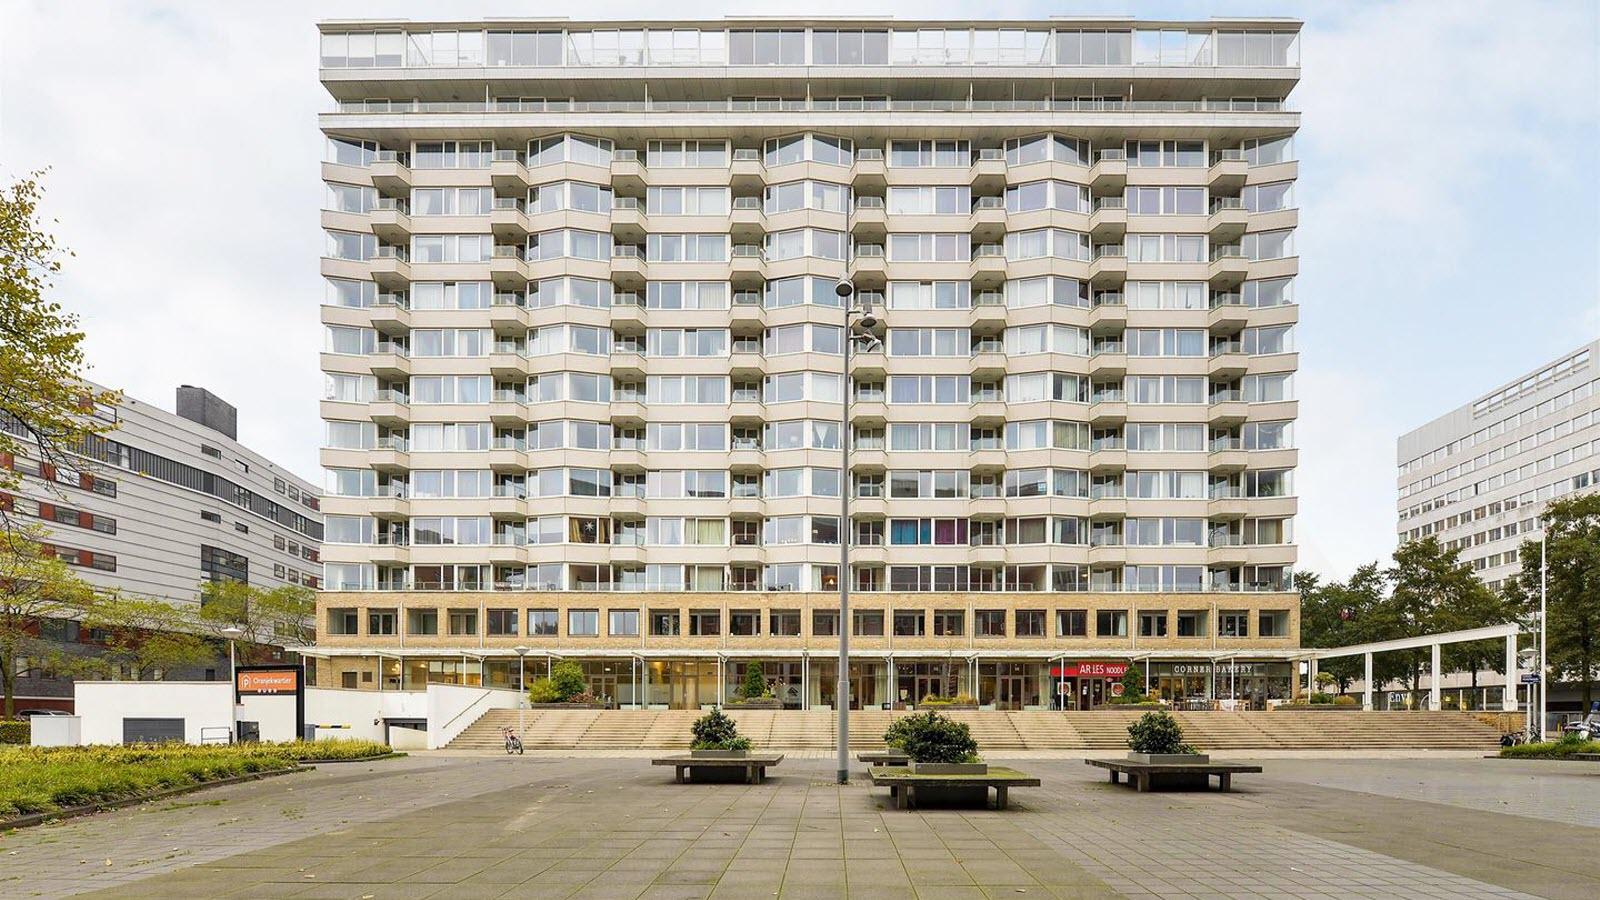 Oranjekwartier fase 3 Amsterdam (1)